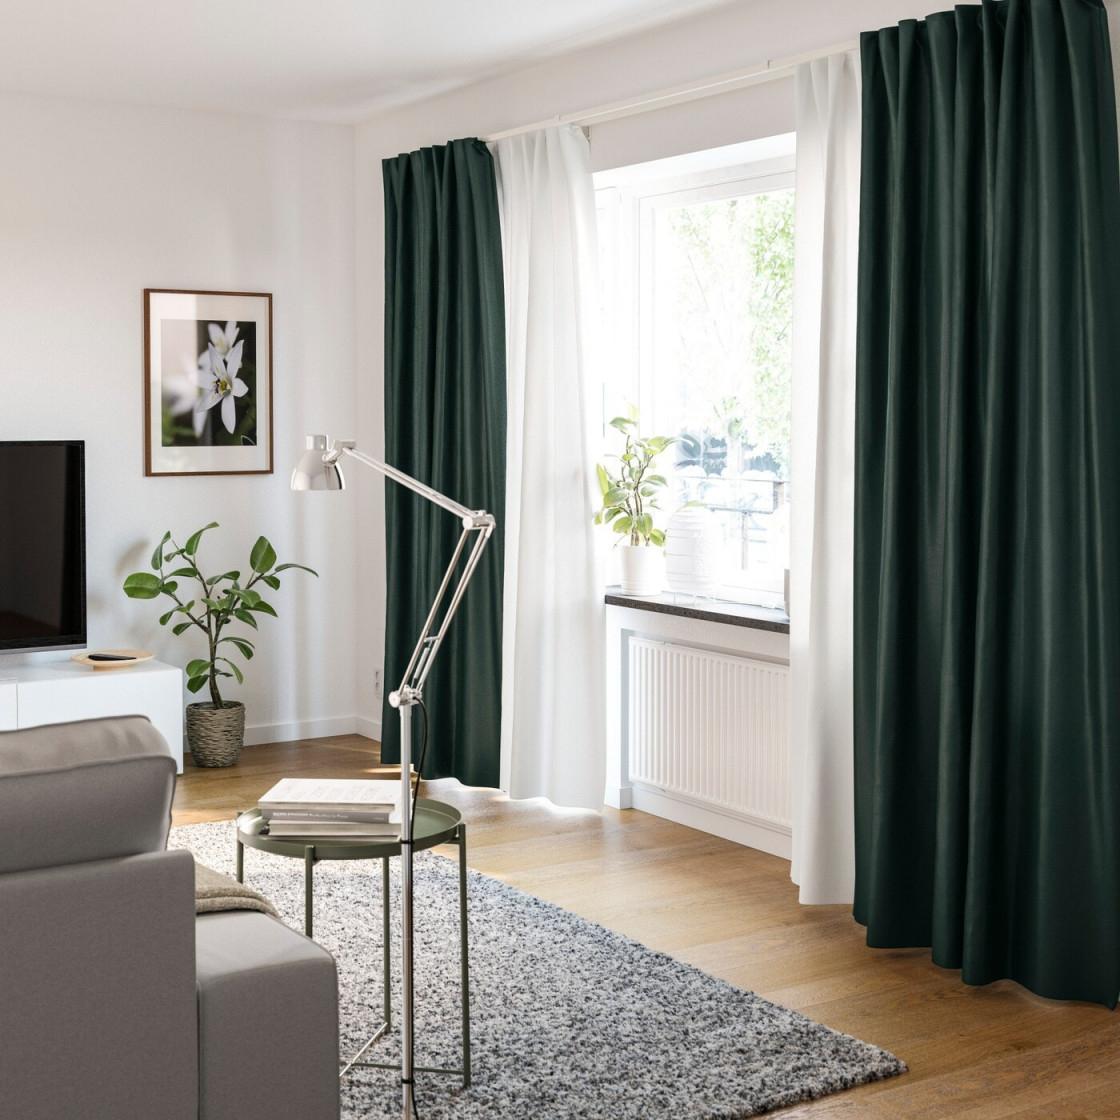 Gardinenideen Inspirationen Für Dein Zuhause  Ikea von Fenster Gardinen Wohnzimmer Bild